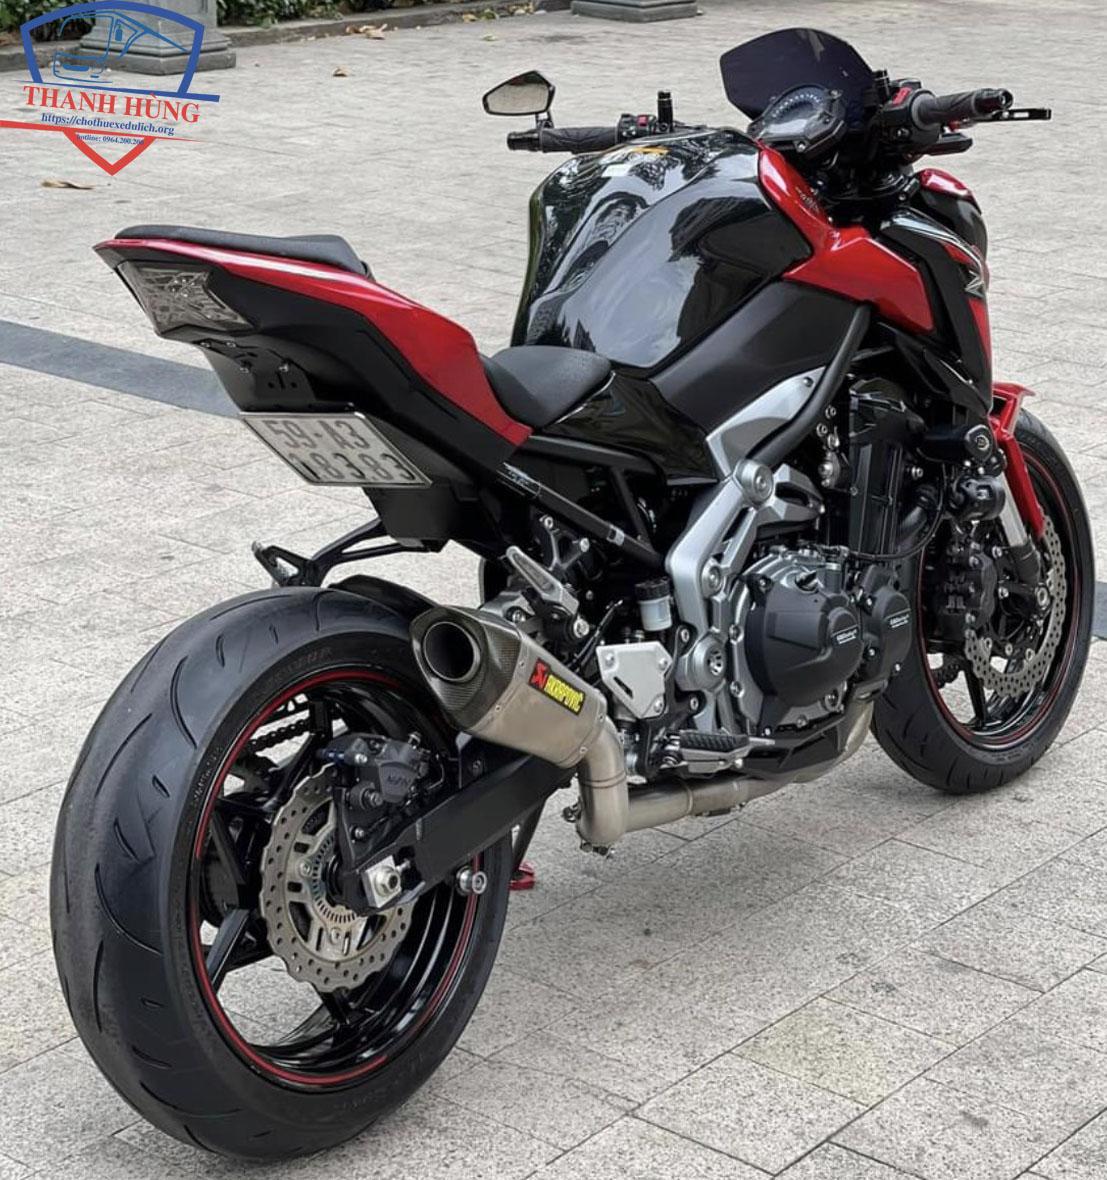 Thuê xe moto pkl z900